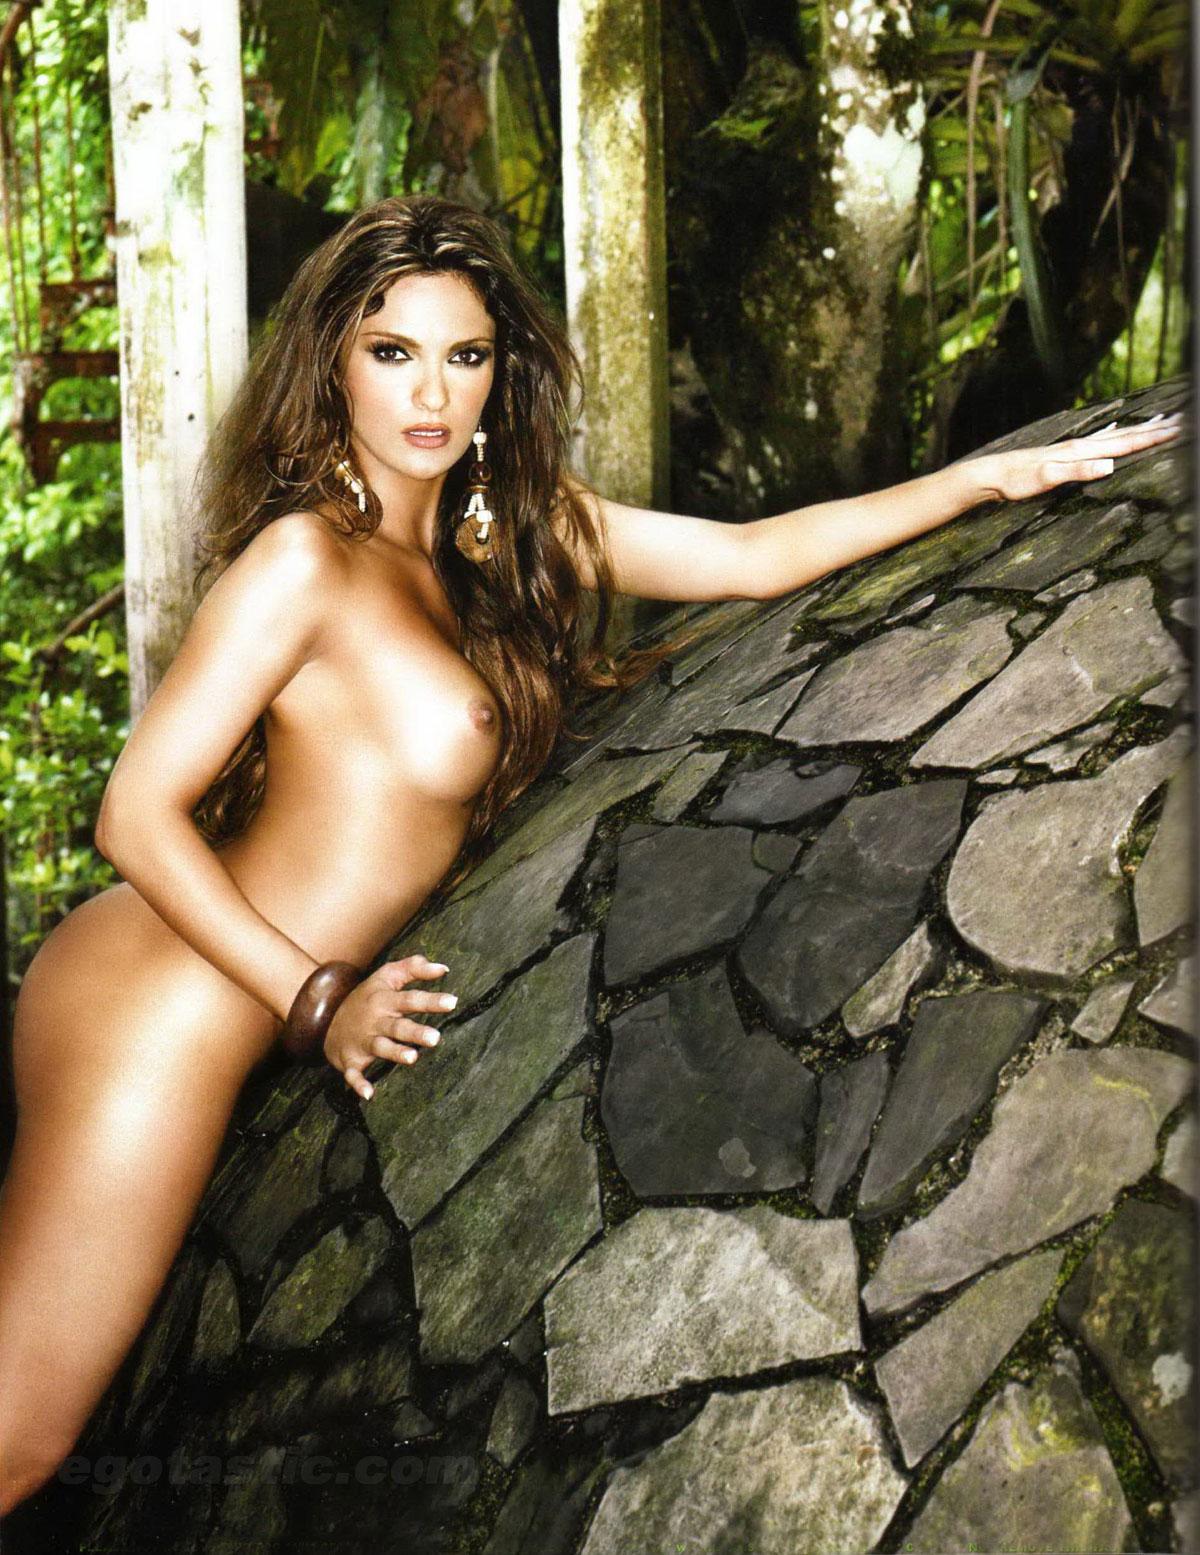 mariana seoane naked pics